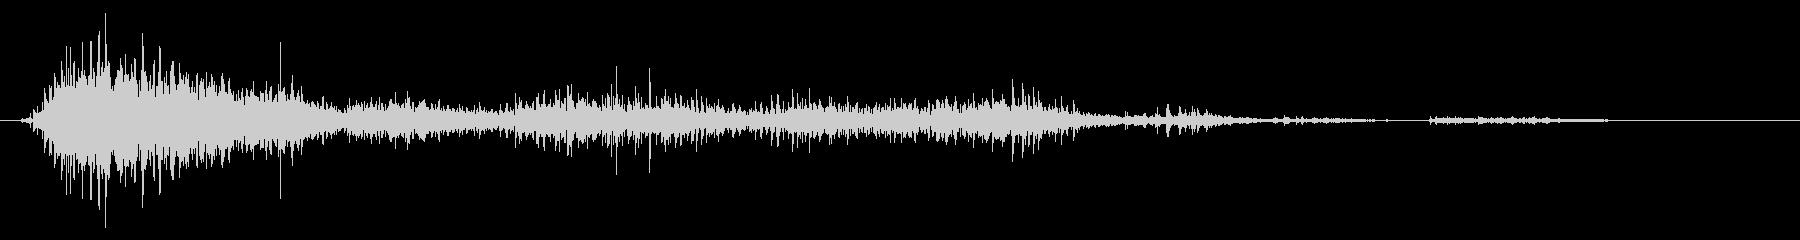 ゾンビやモンスターの叫び声/唸り声21cの未再生の波形